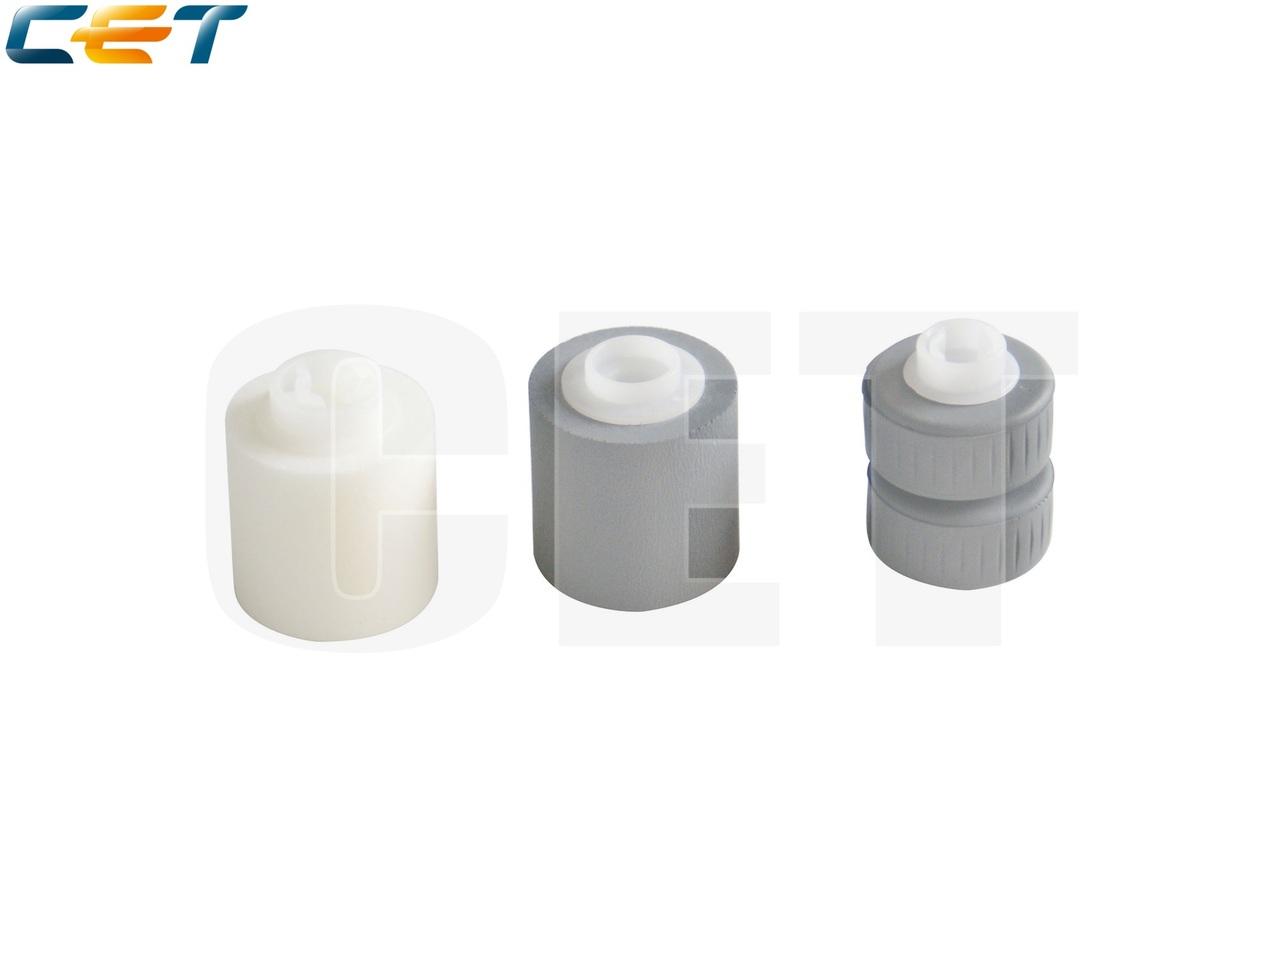 Комплект роликов подхвата ADF NROLR1475FCZZ,NROLR1462FCZZ, NROLR1476FCZZ для SHARPARM550/M620/M700, MX-M550/M620/M700 (CET), CET4780